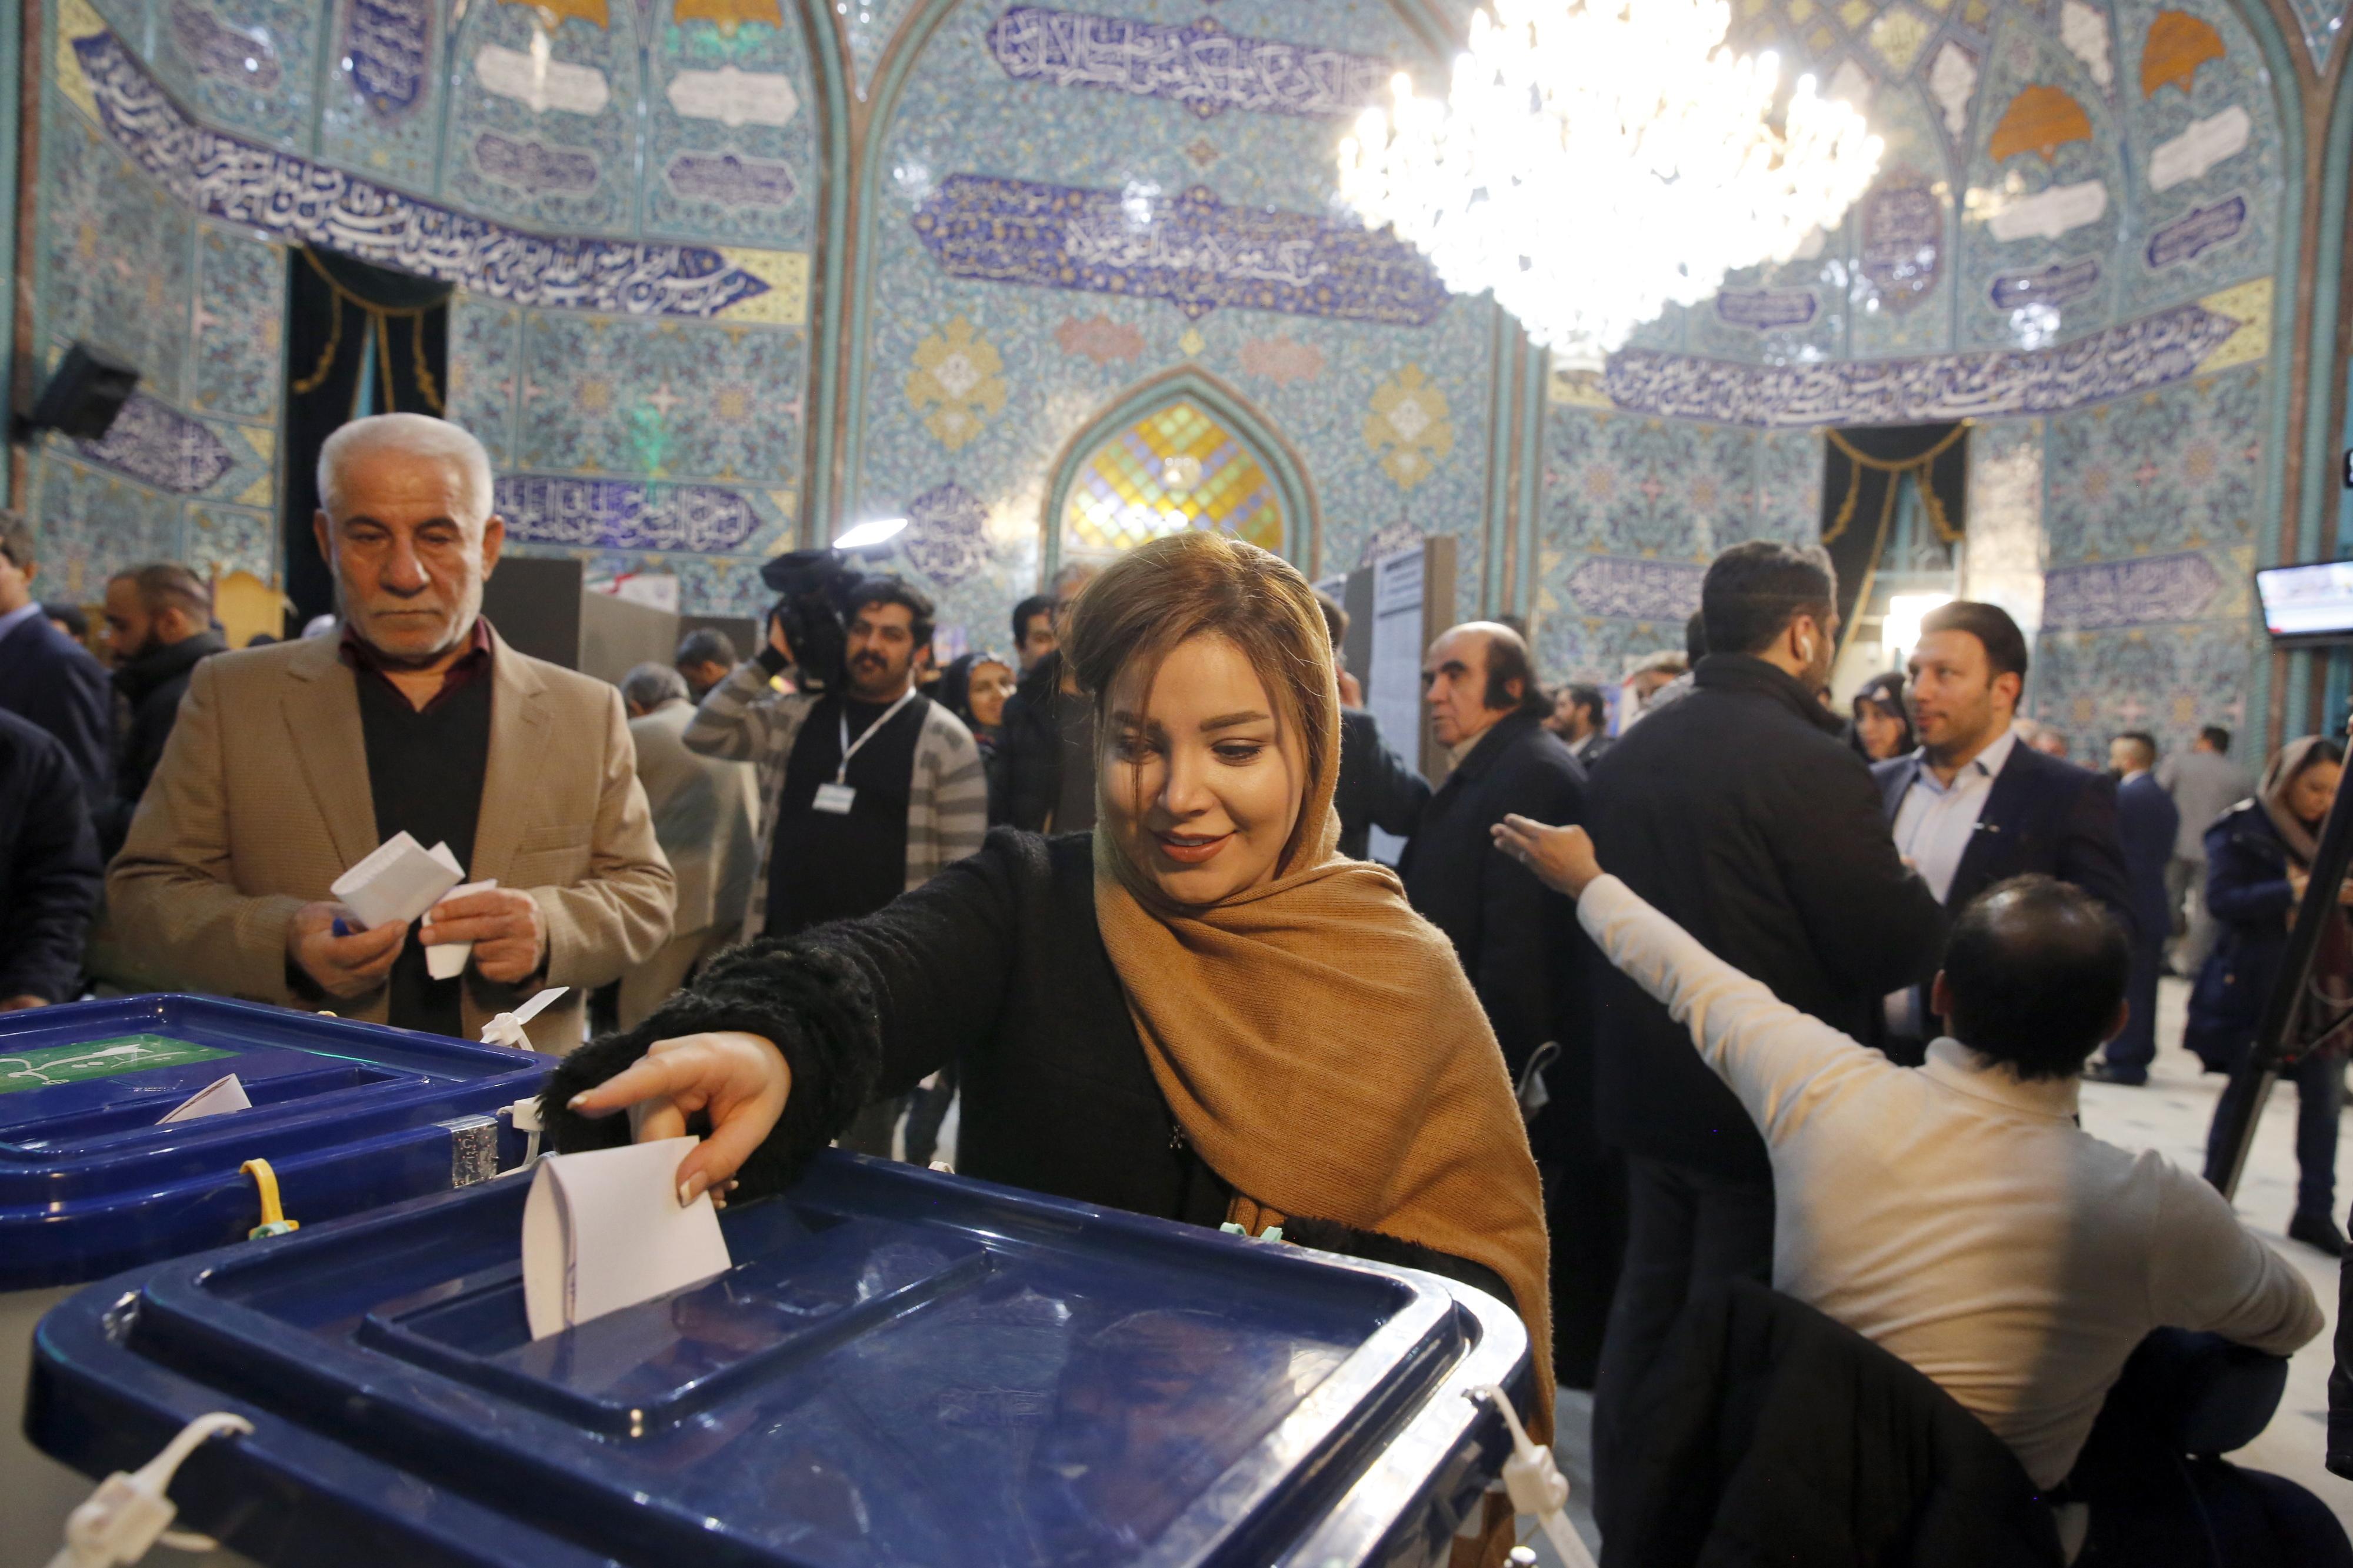 Mais duas horas. Autoridades iranianas anunciam segundo prolongamento da votação